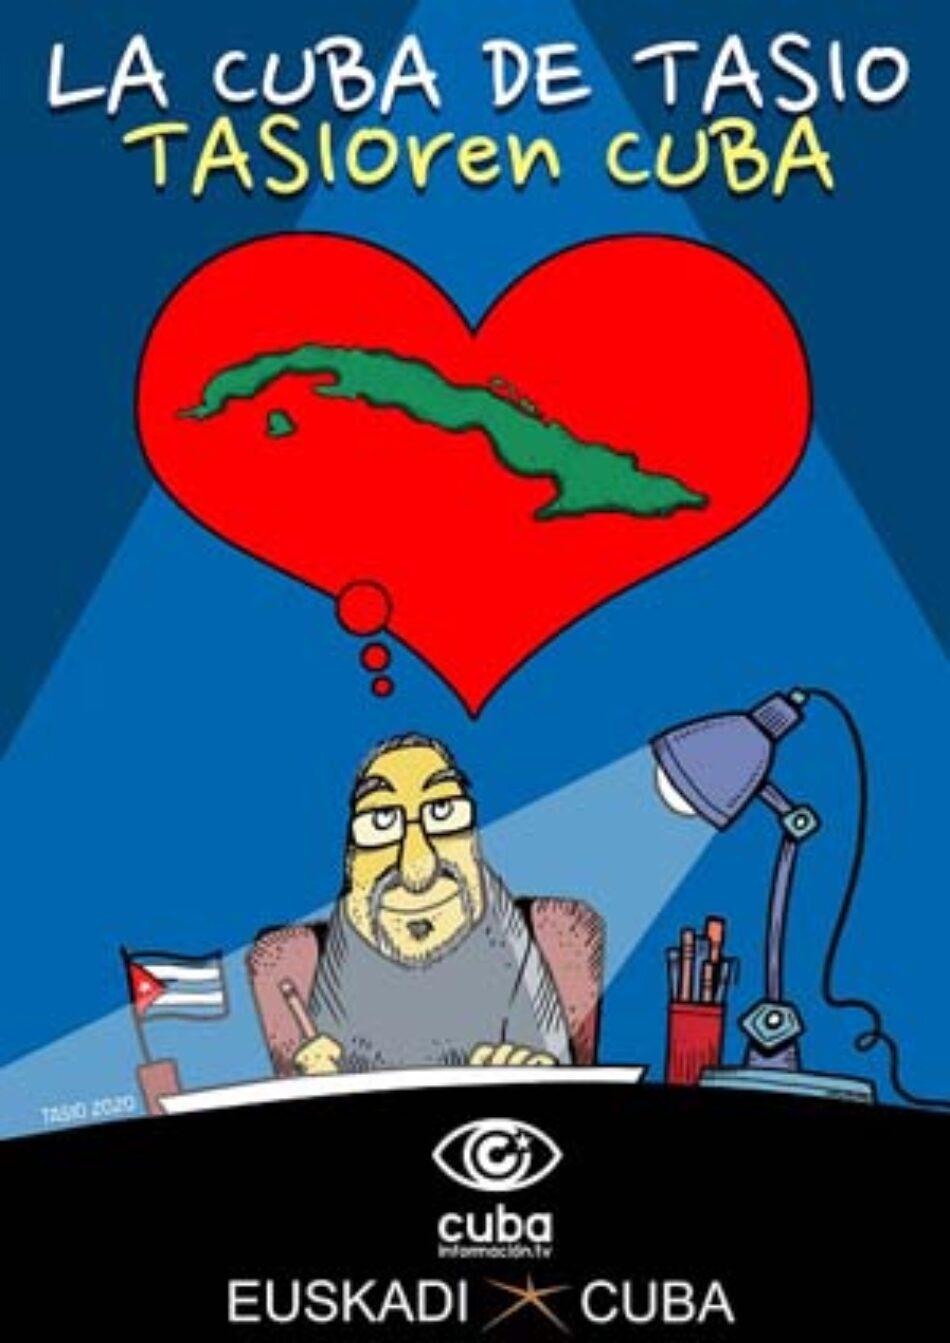 Presentación del libro 'Cuba: verdades y mentiras' y exposición de viñetas 'La Cuba de Tasio': Arrasate-Mondragón, 22 de enero